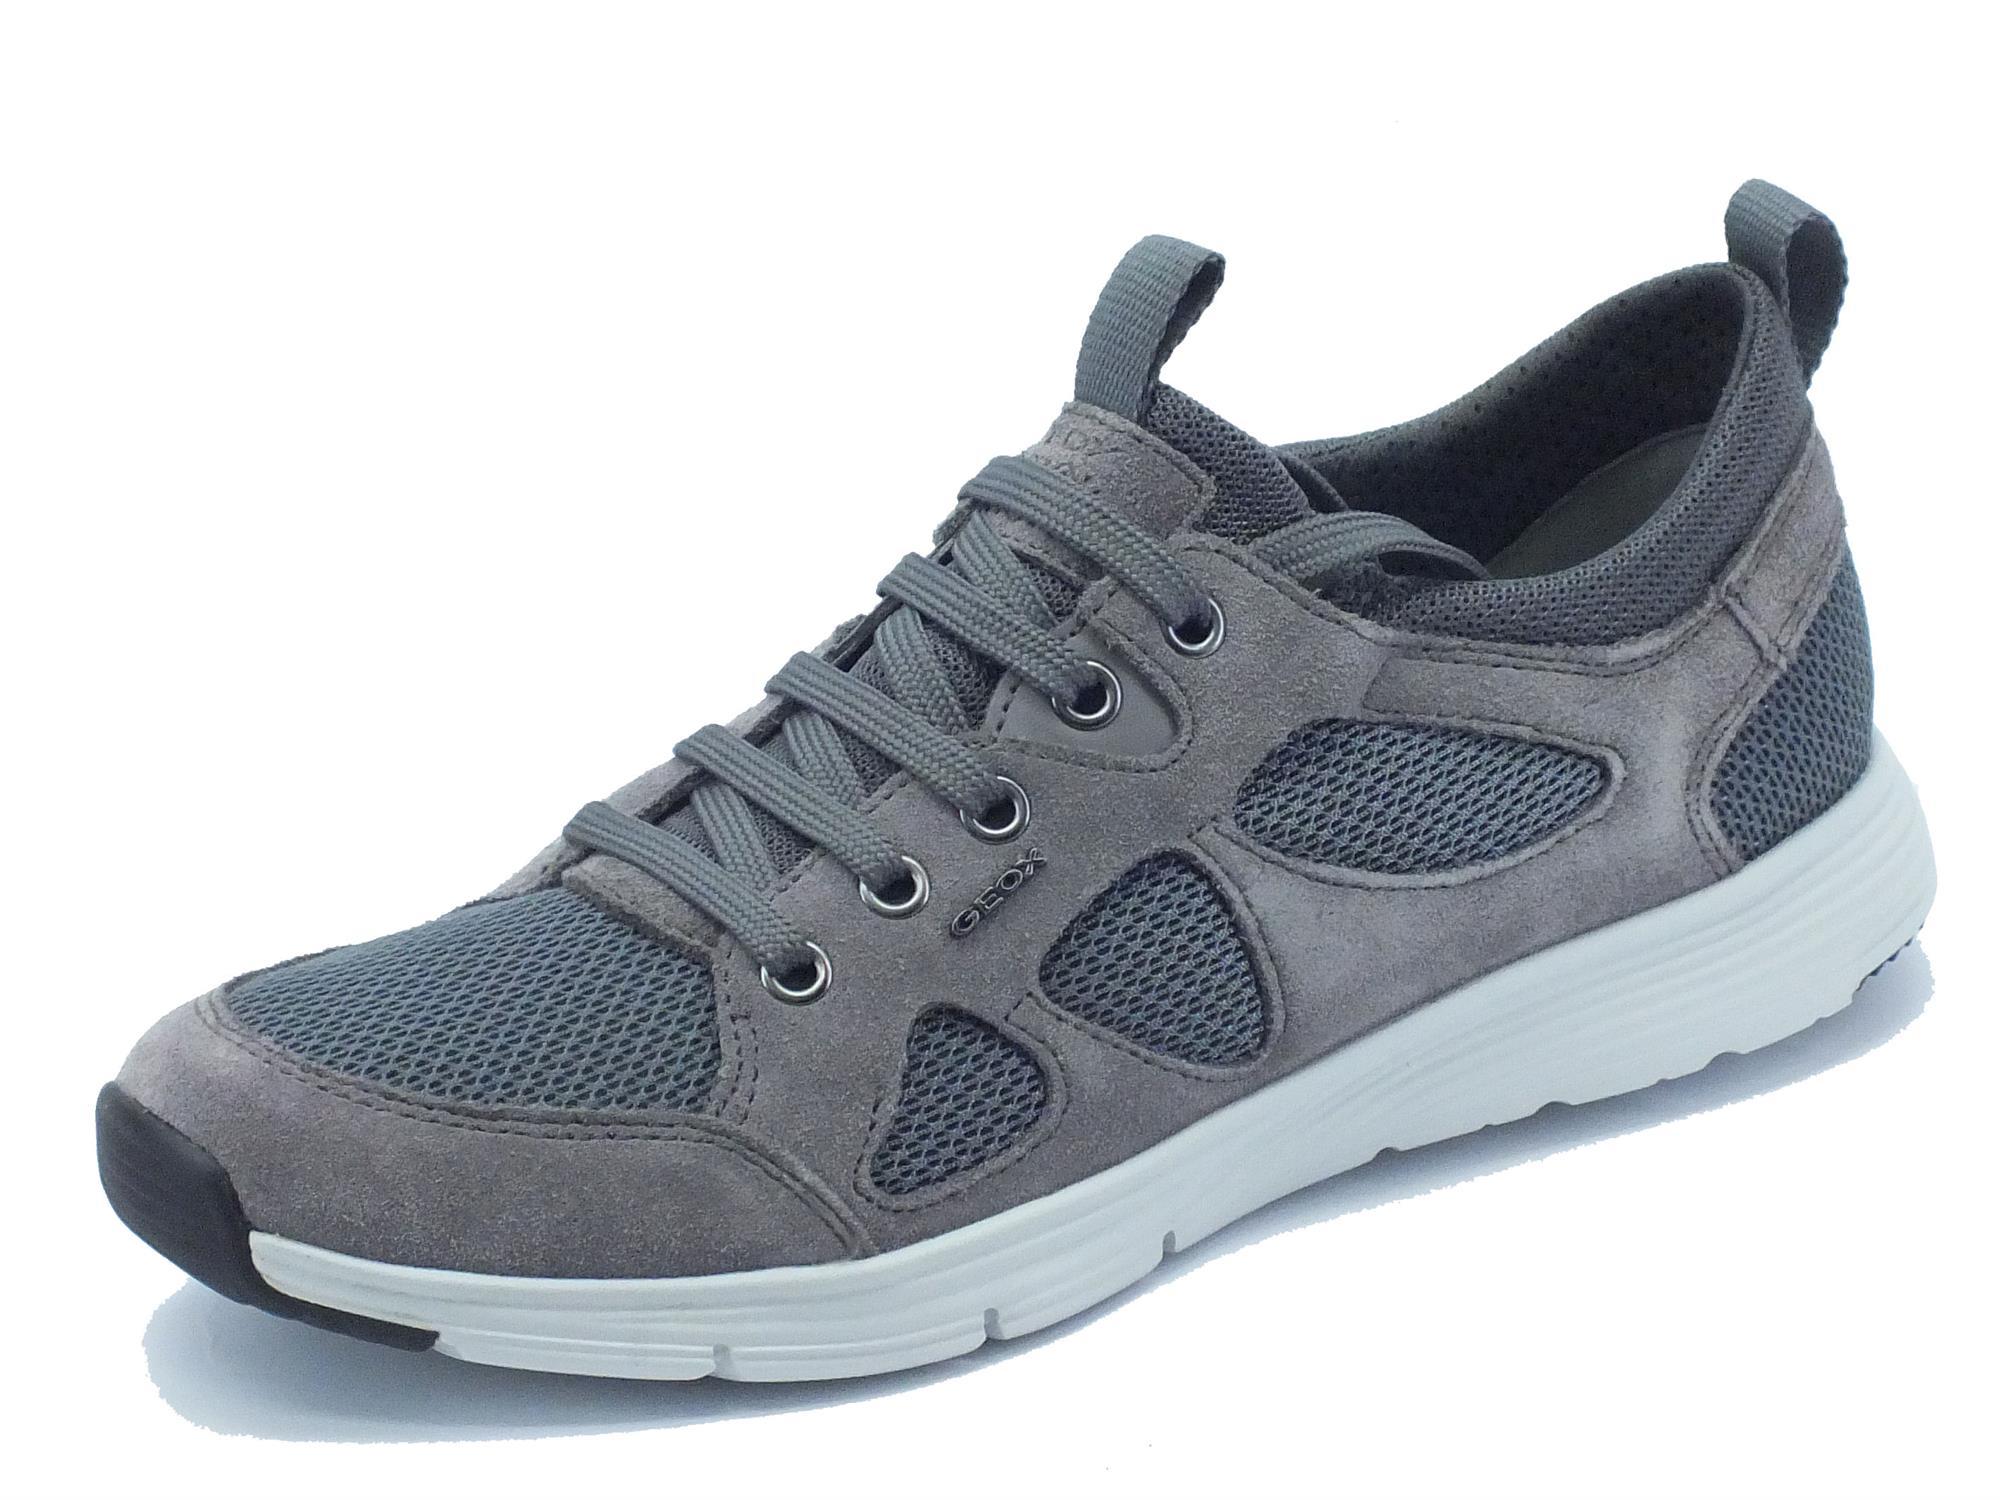 Scarpe Geox per uomo modello sportivo in camoscio e tessuto antracite grigio